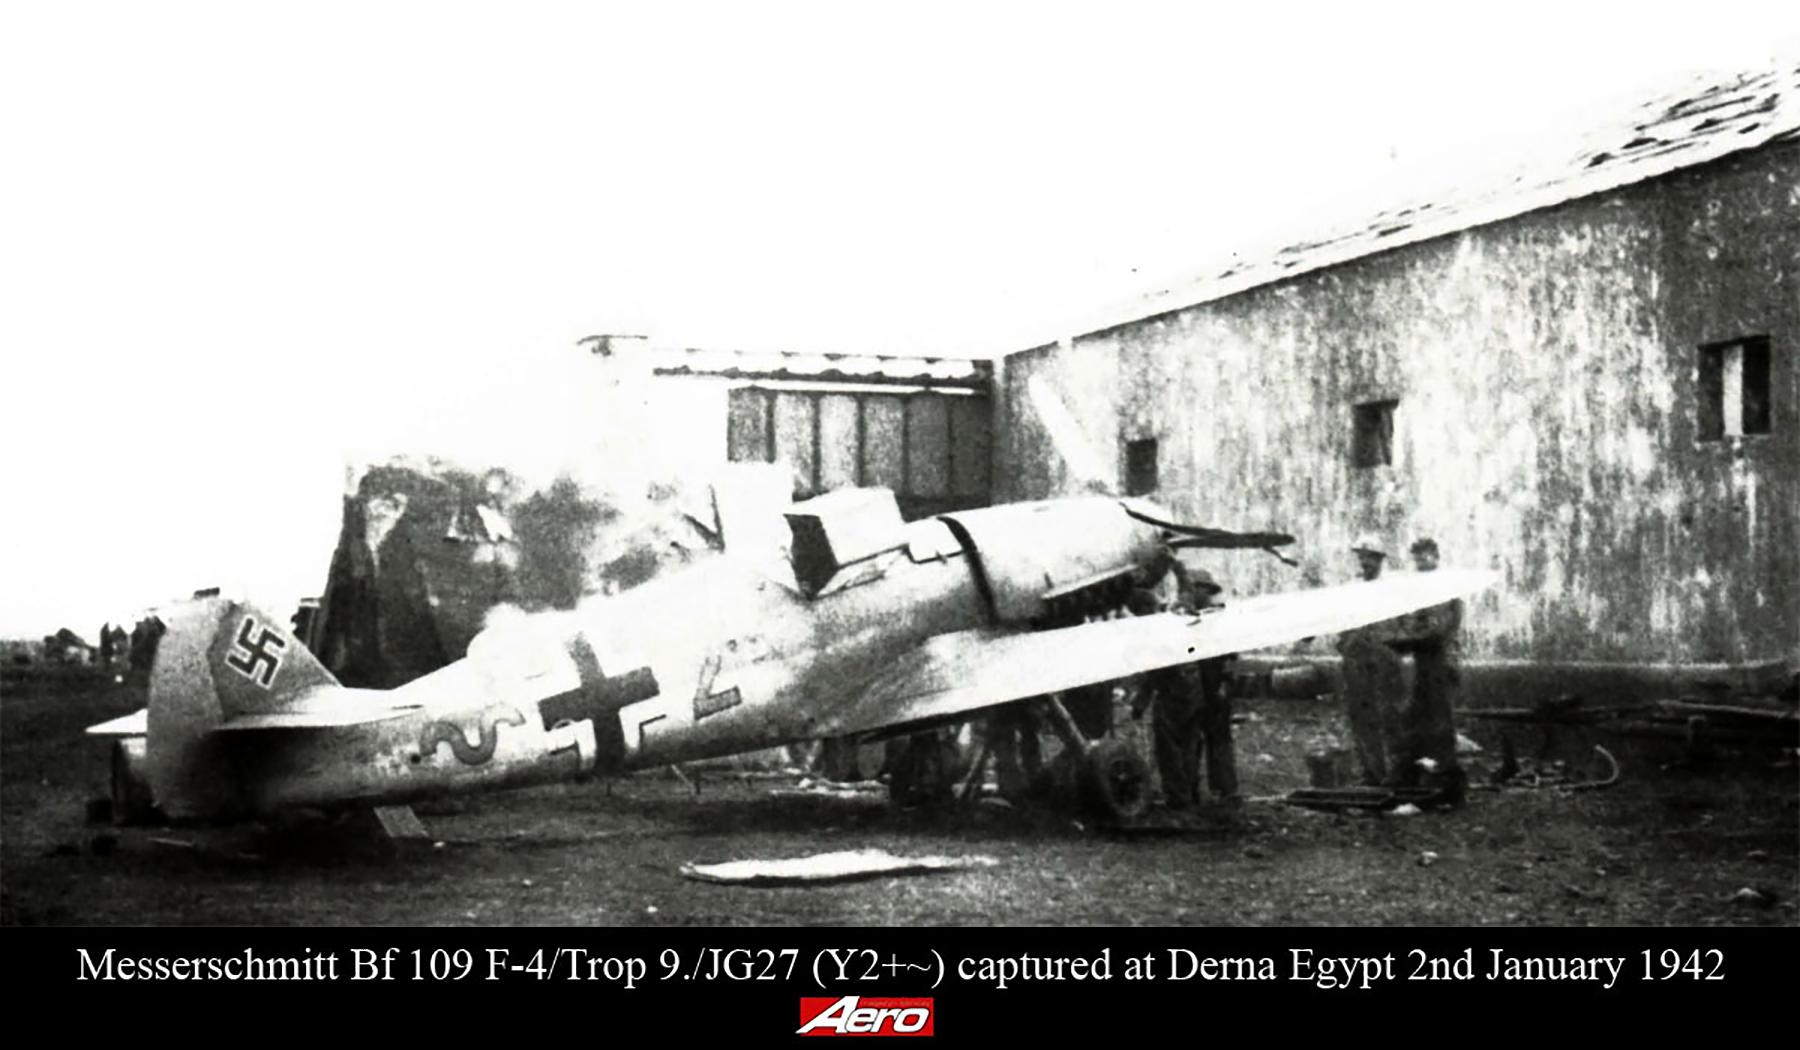 Messerschmitt Bf 109F4Trop 9.JG27 Yellow 2 captured at Derna Egypt 1942 01